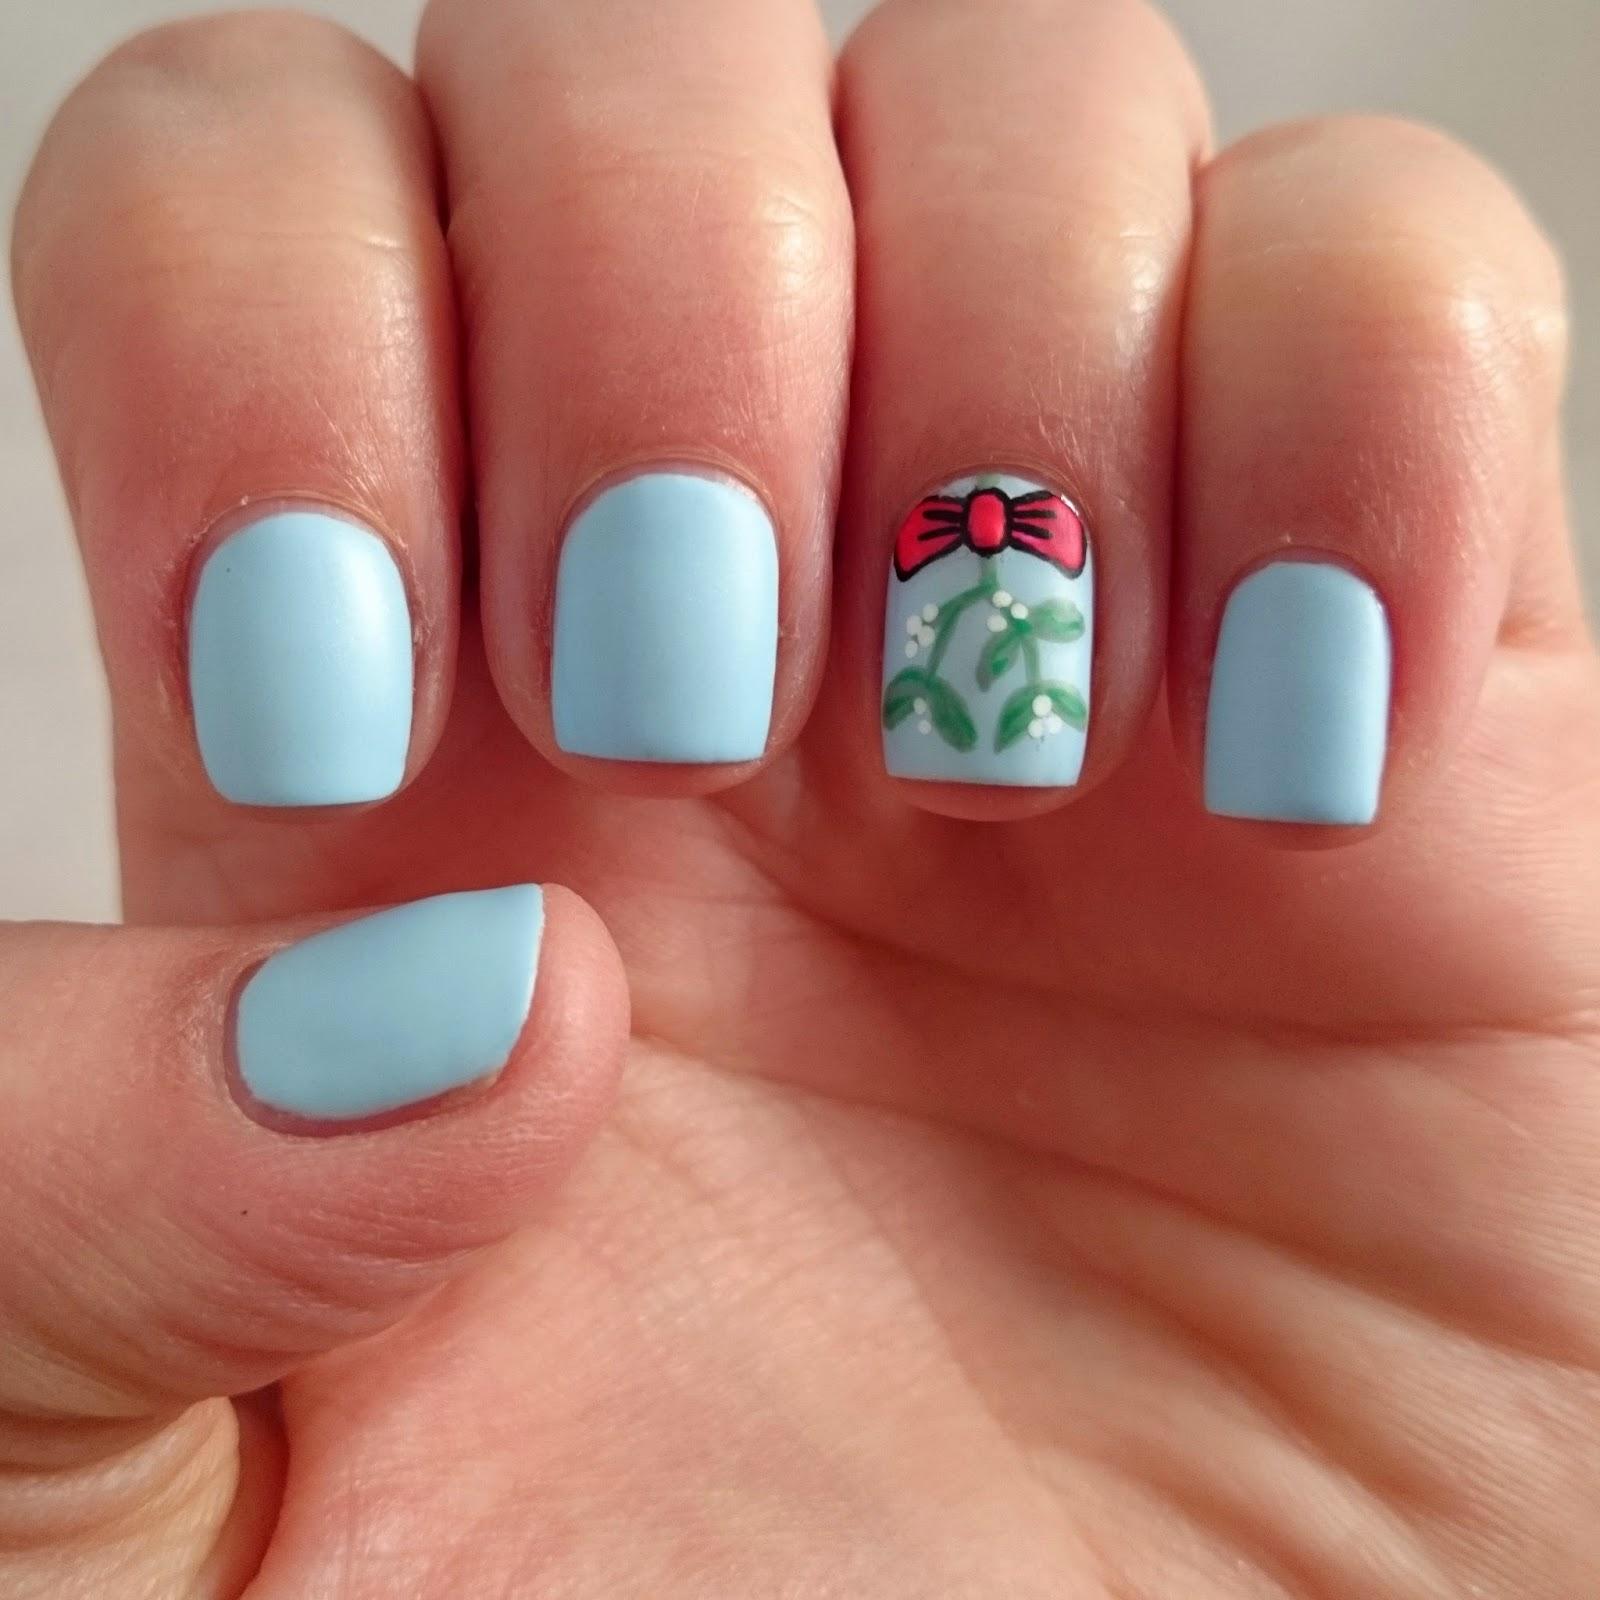 Dahlia Nails Underneath The Mistletoe